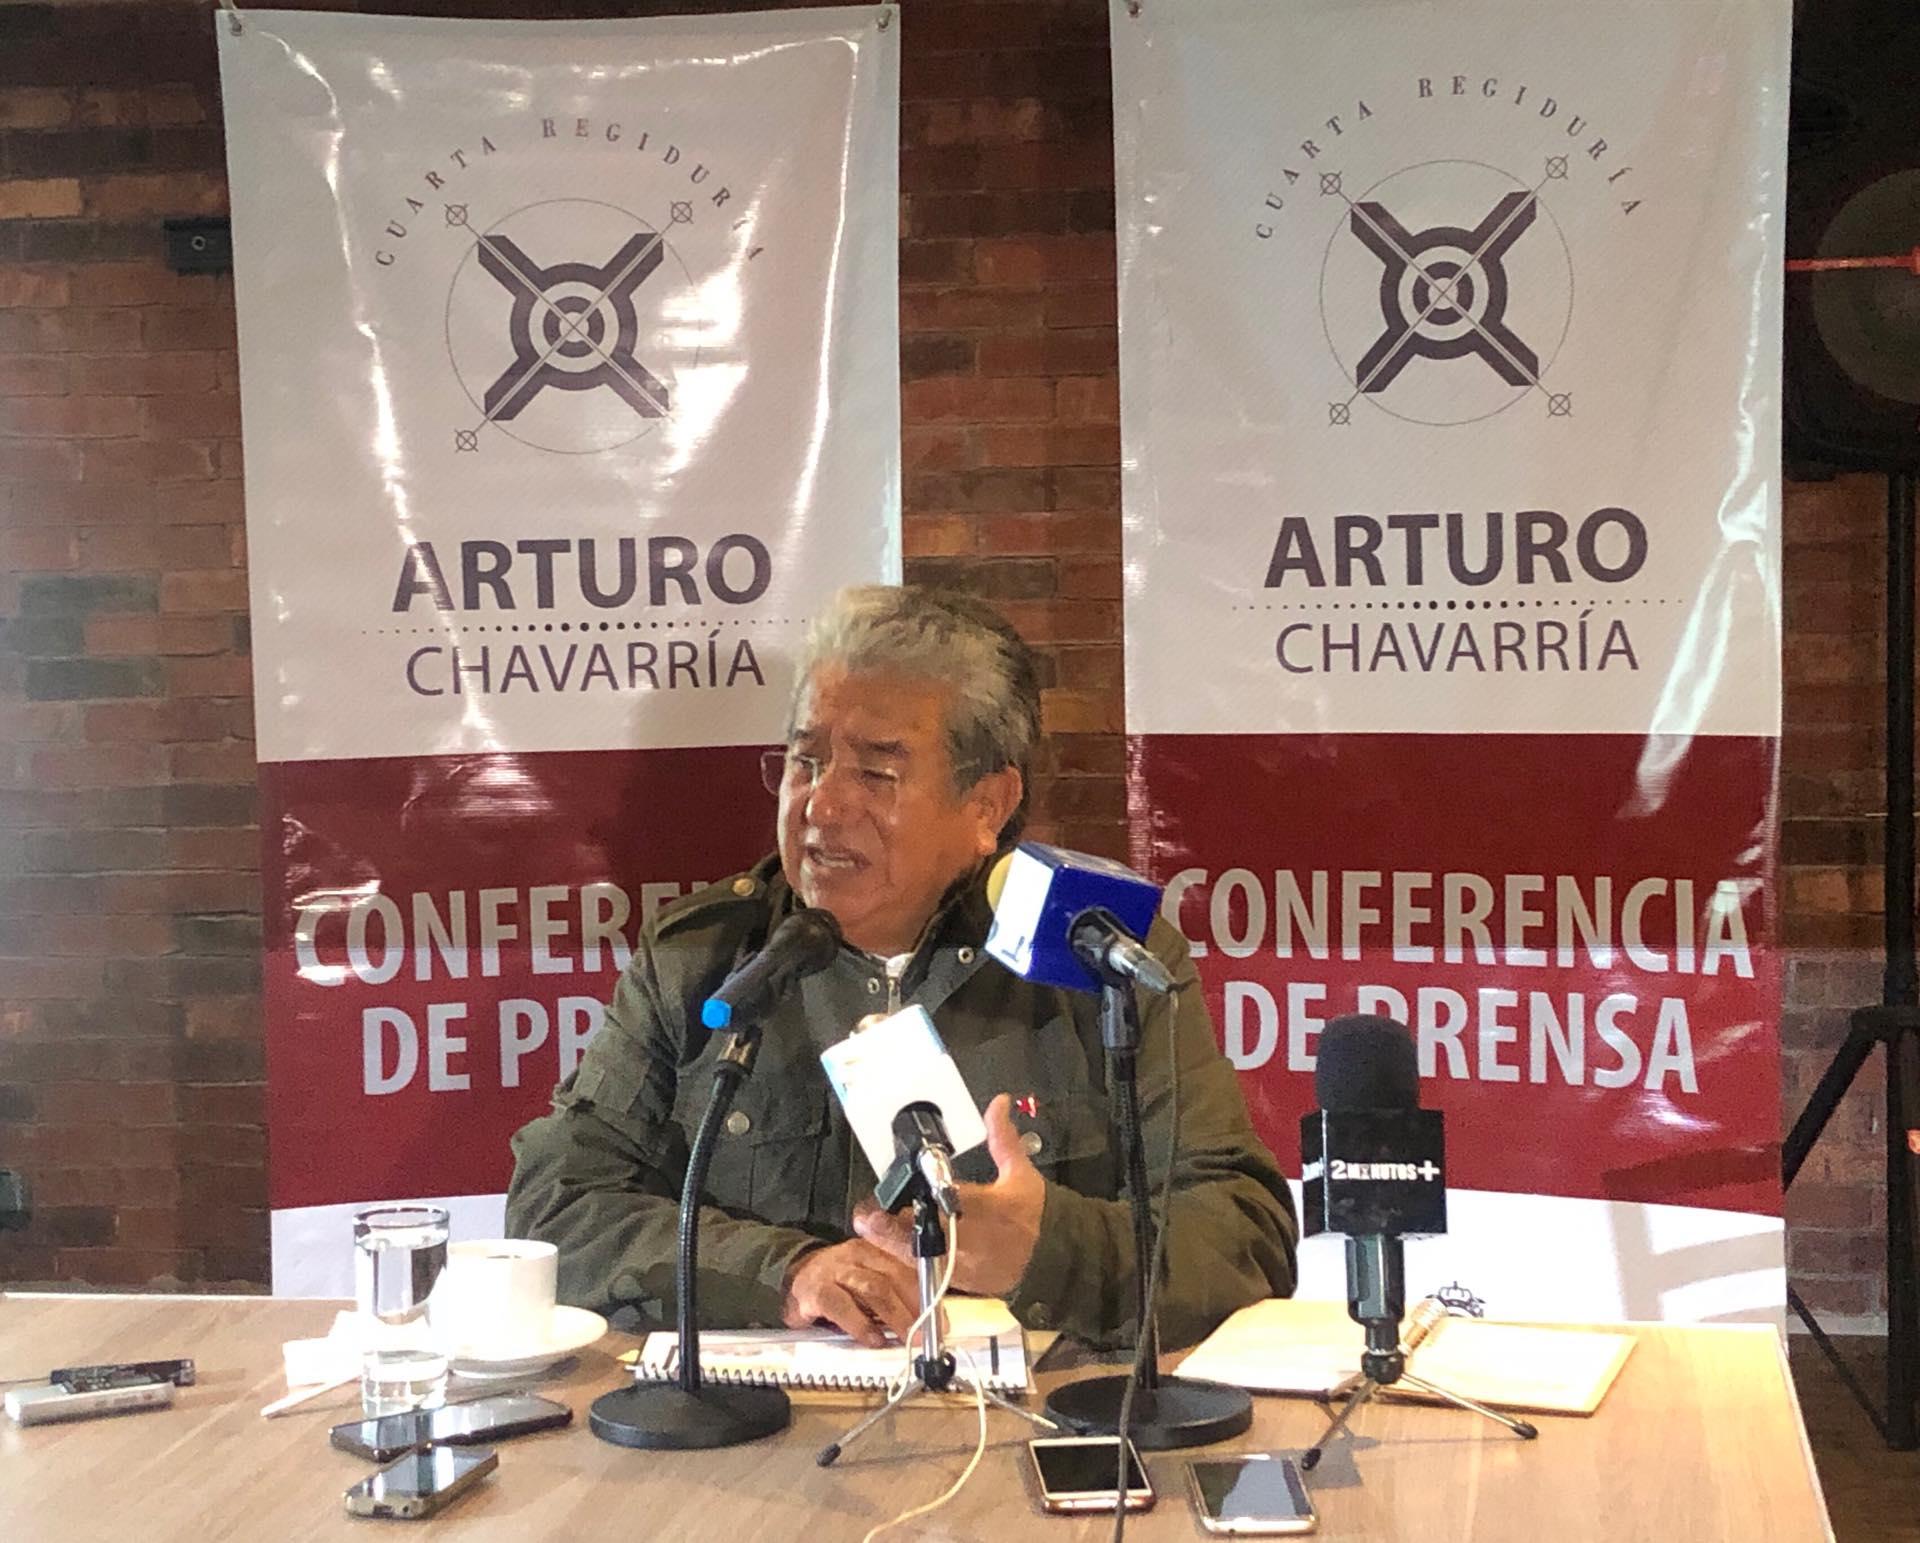 Propone Arturo Chavarría reingeniería para combate a la pobreza en Toluca